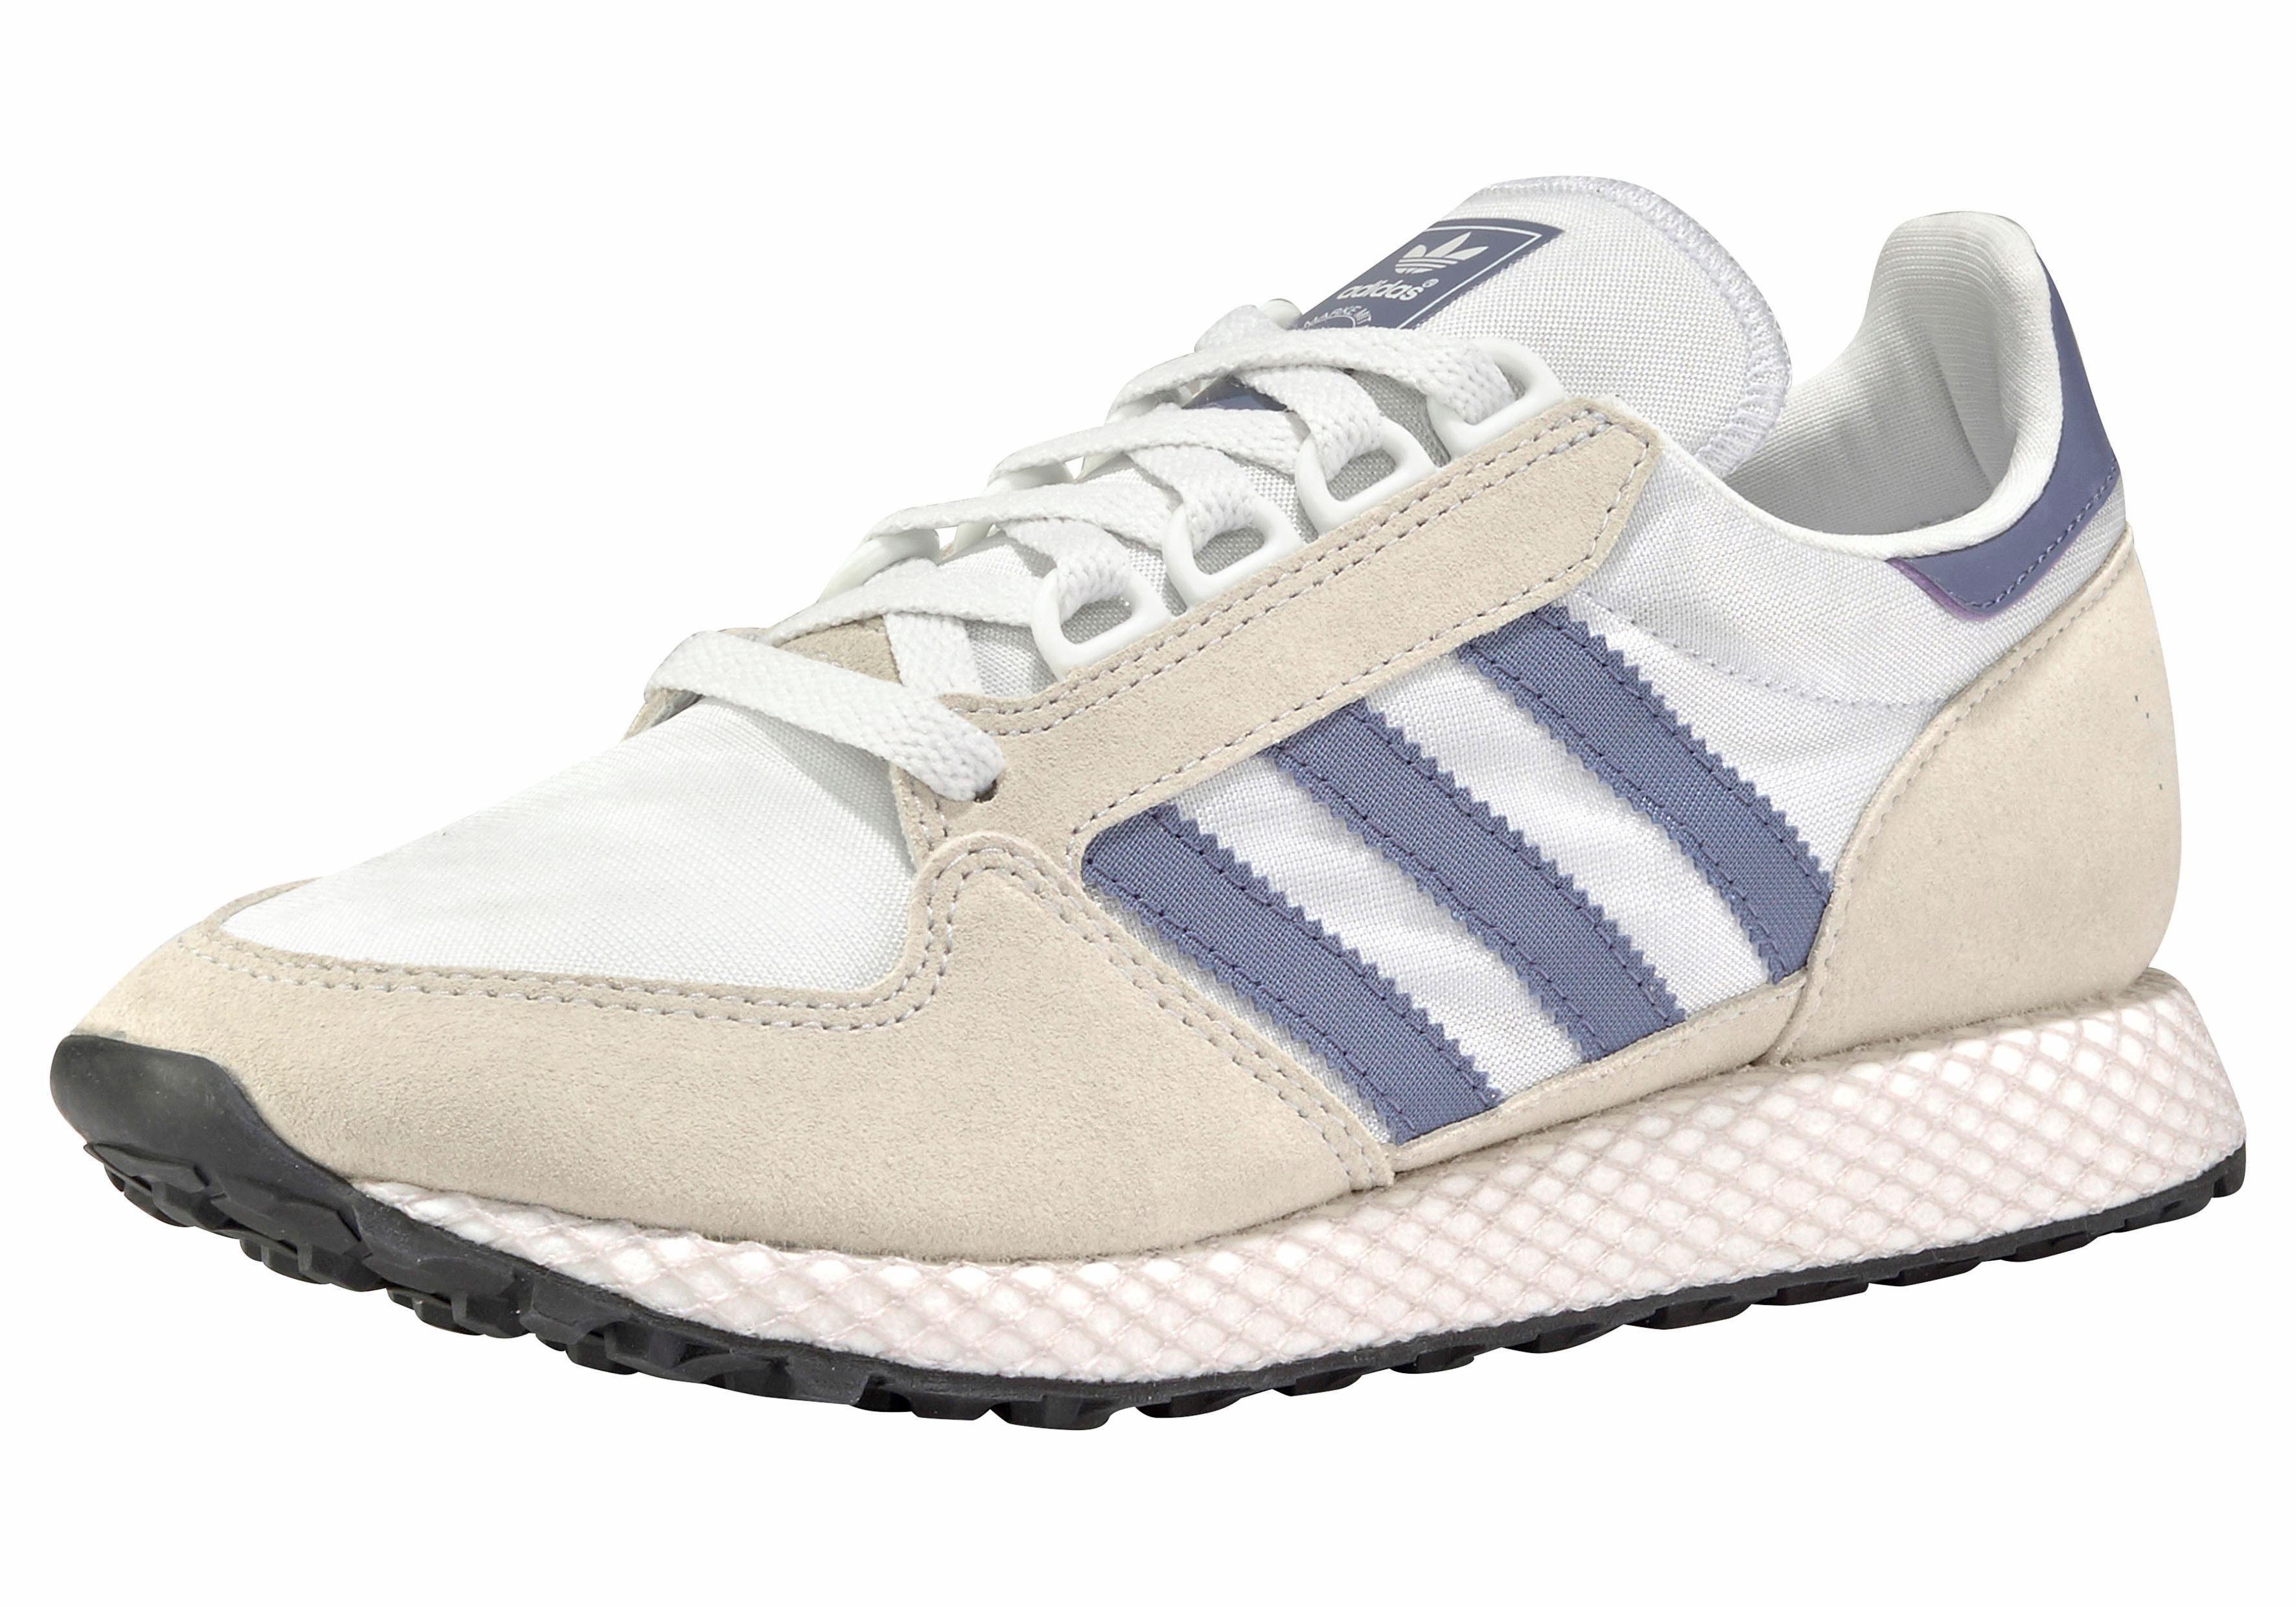 adidas Chaos Freizeitschuhe Damen weißflieder Größe 40 23